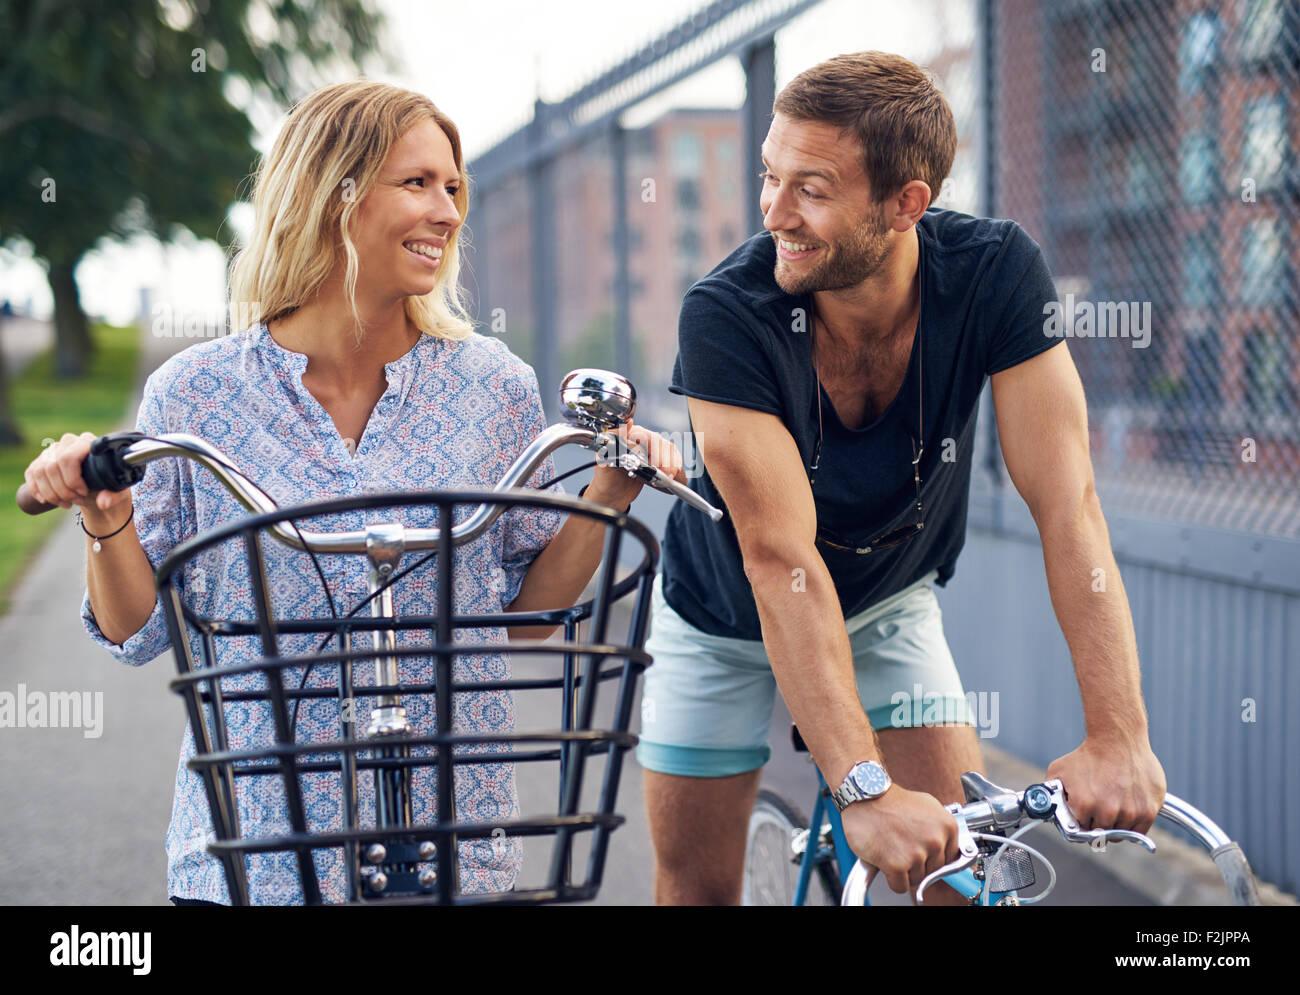 Pareja joven ligar como conversan en una calle urbana, en sus bicicletas sonriendo y mirando en cada otros ojos, Imagen De Stock